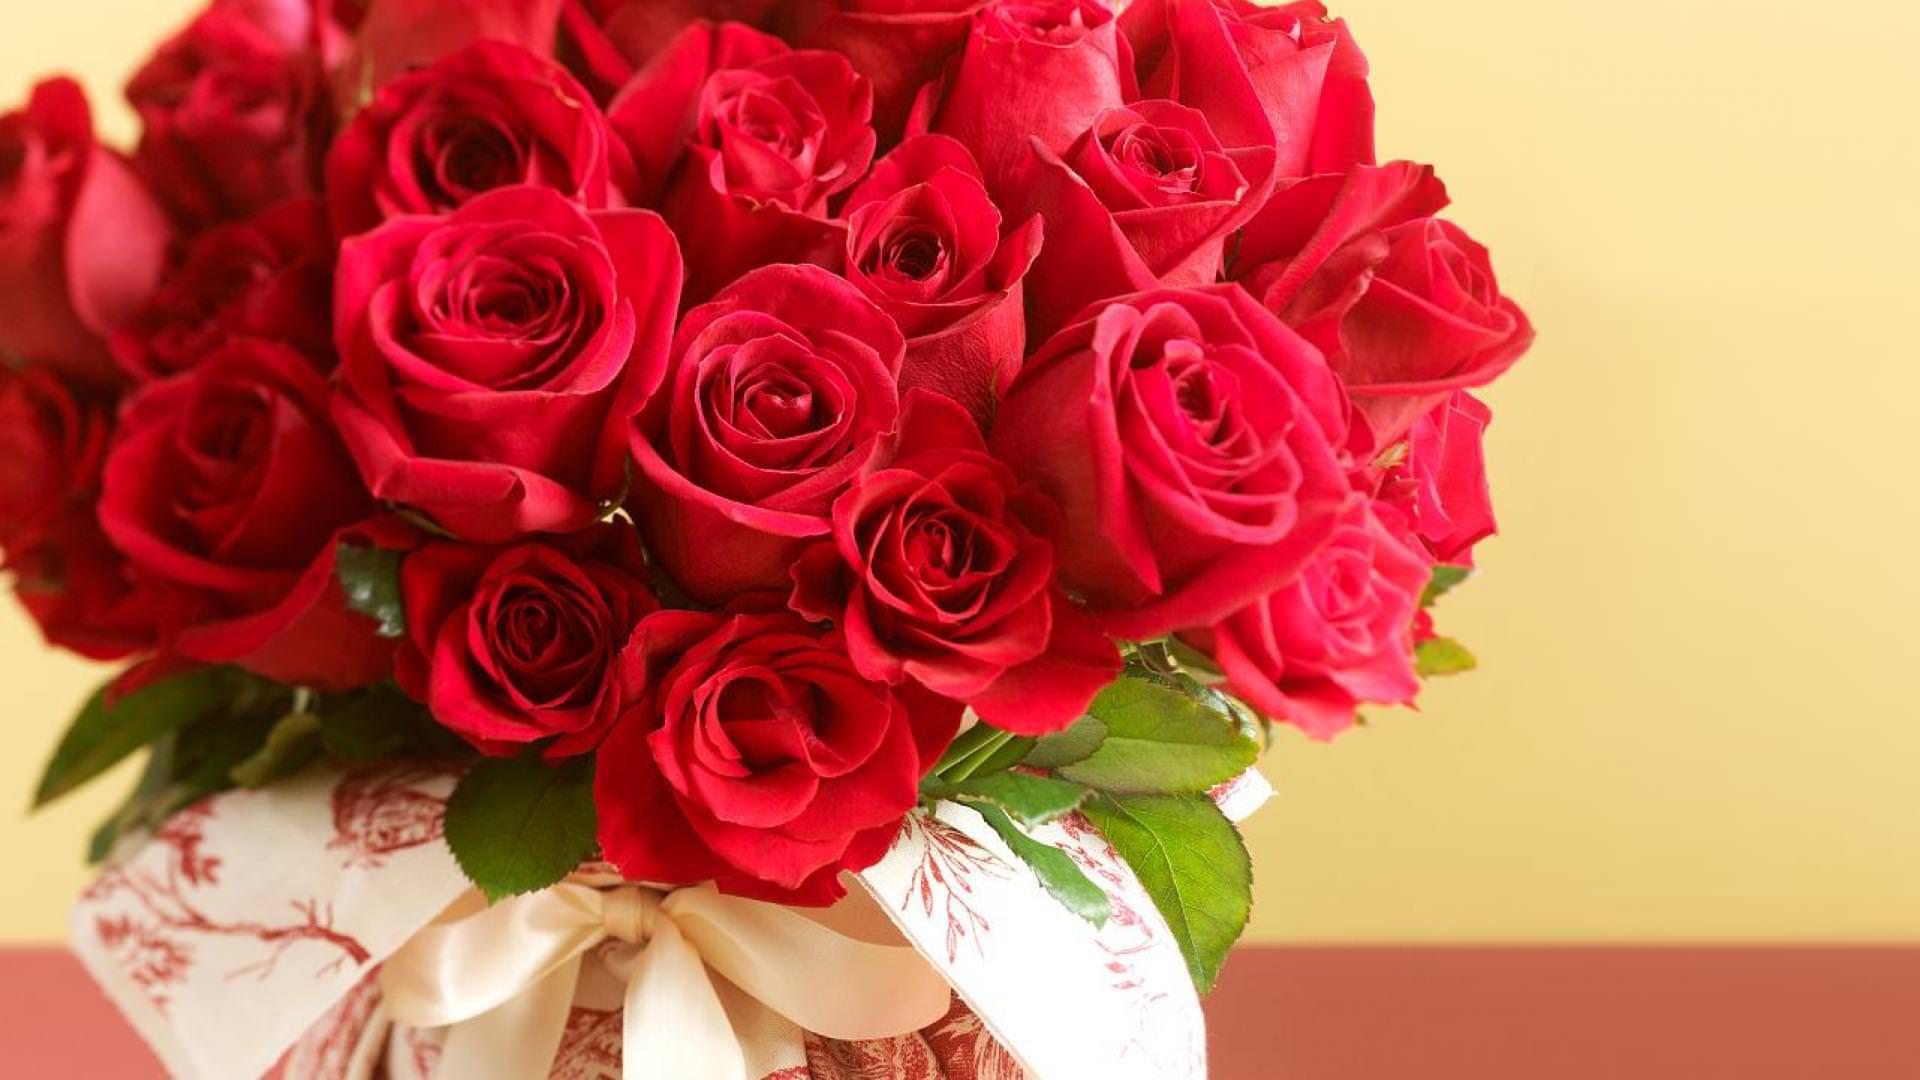 красивый букет красных роз